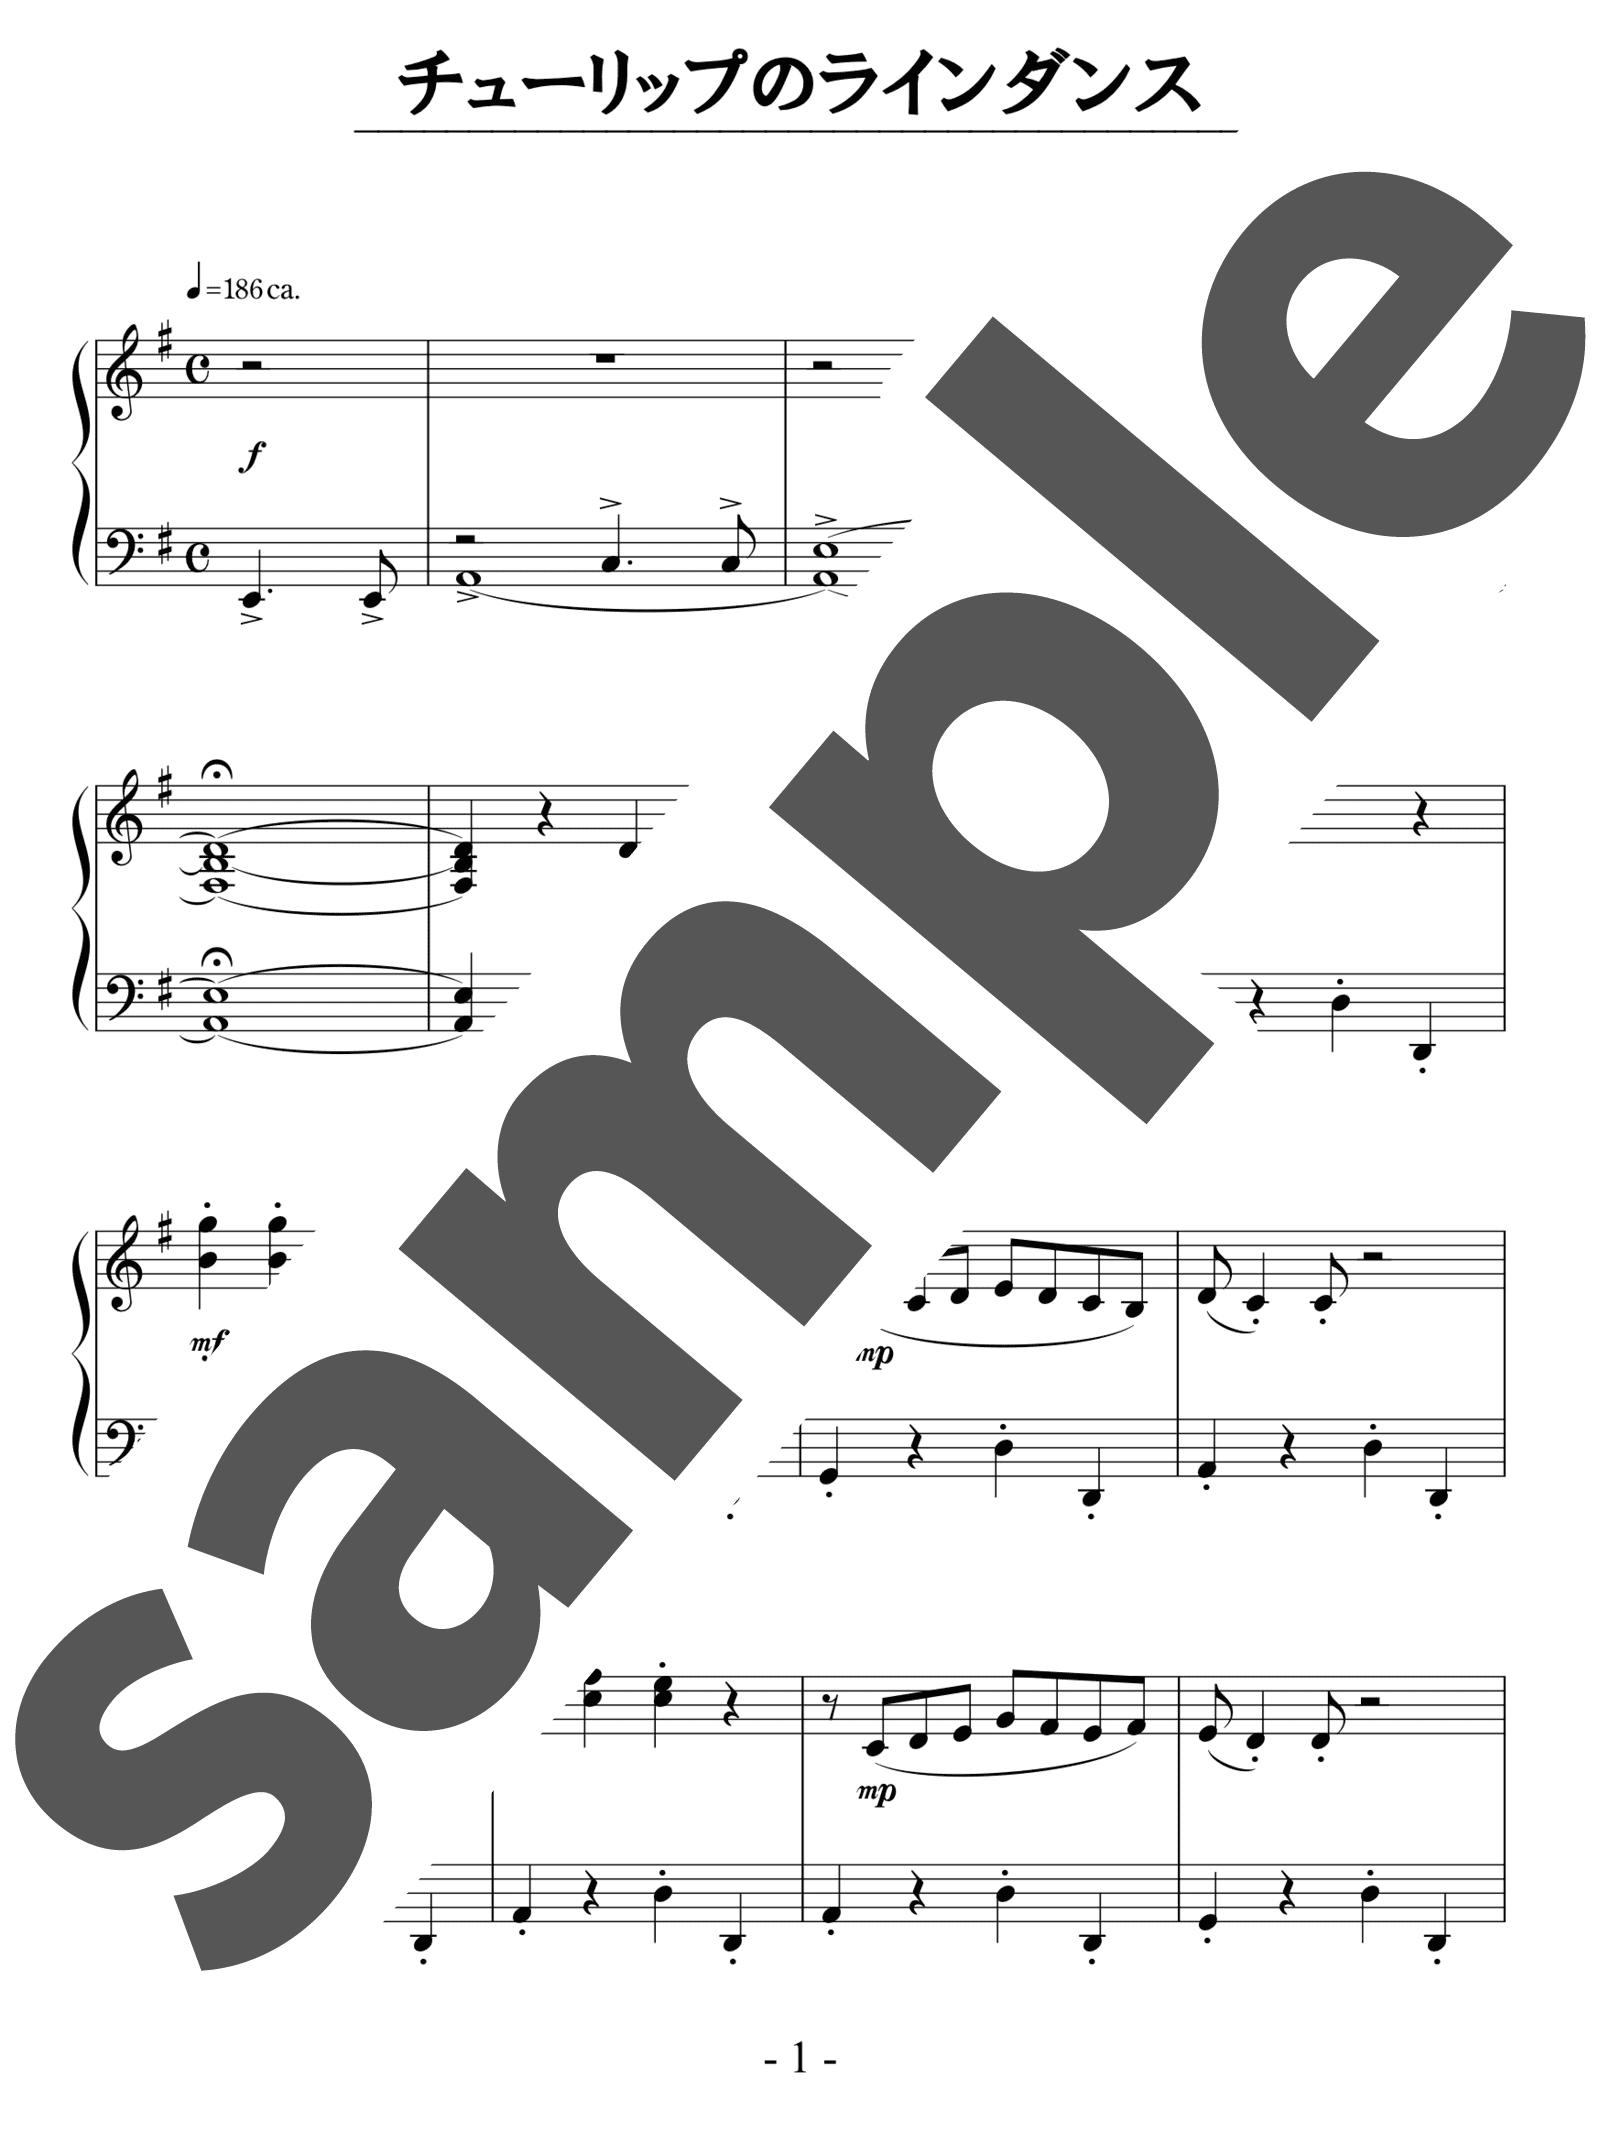 「チューリップのラインダンス」のサンプル楽譜